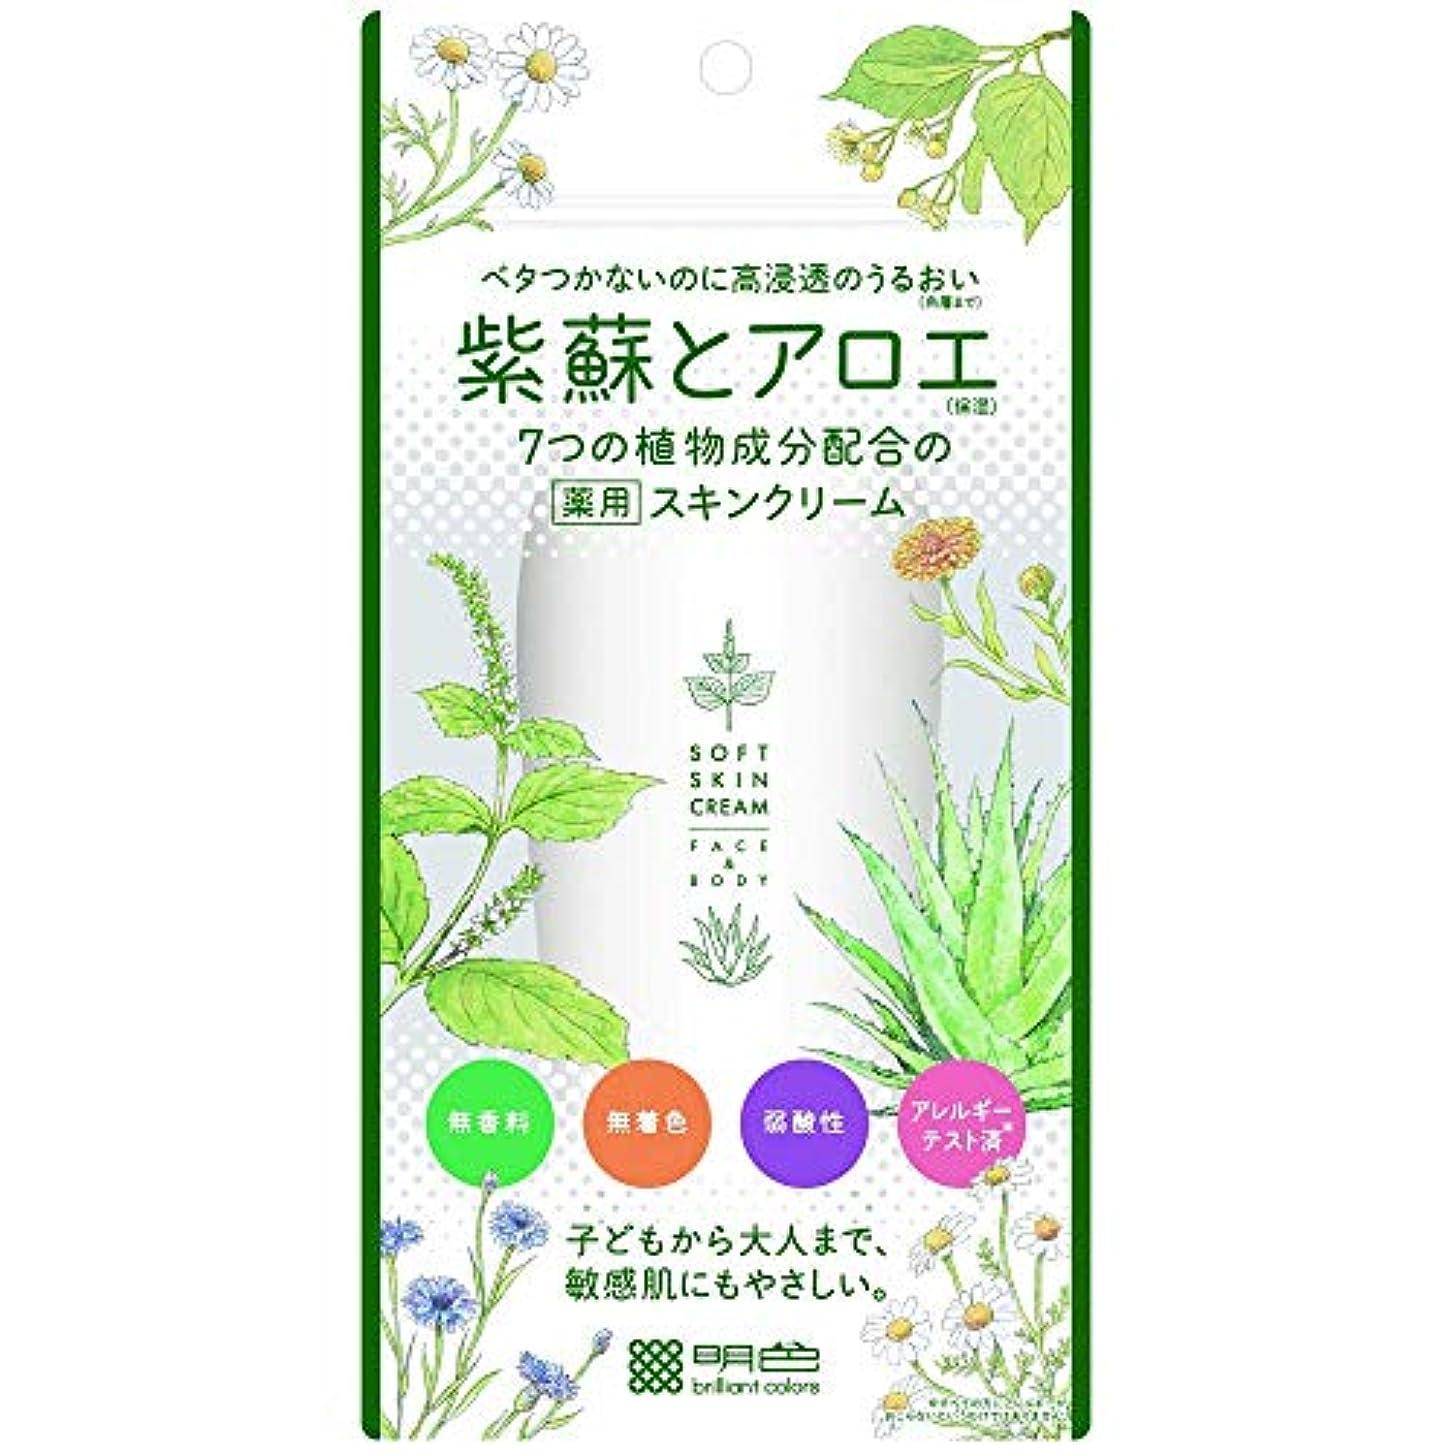 適性事故責任【8個セット】紫蘇とアロエ 薬用スキンクリーム 190g